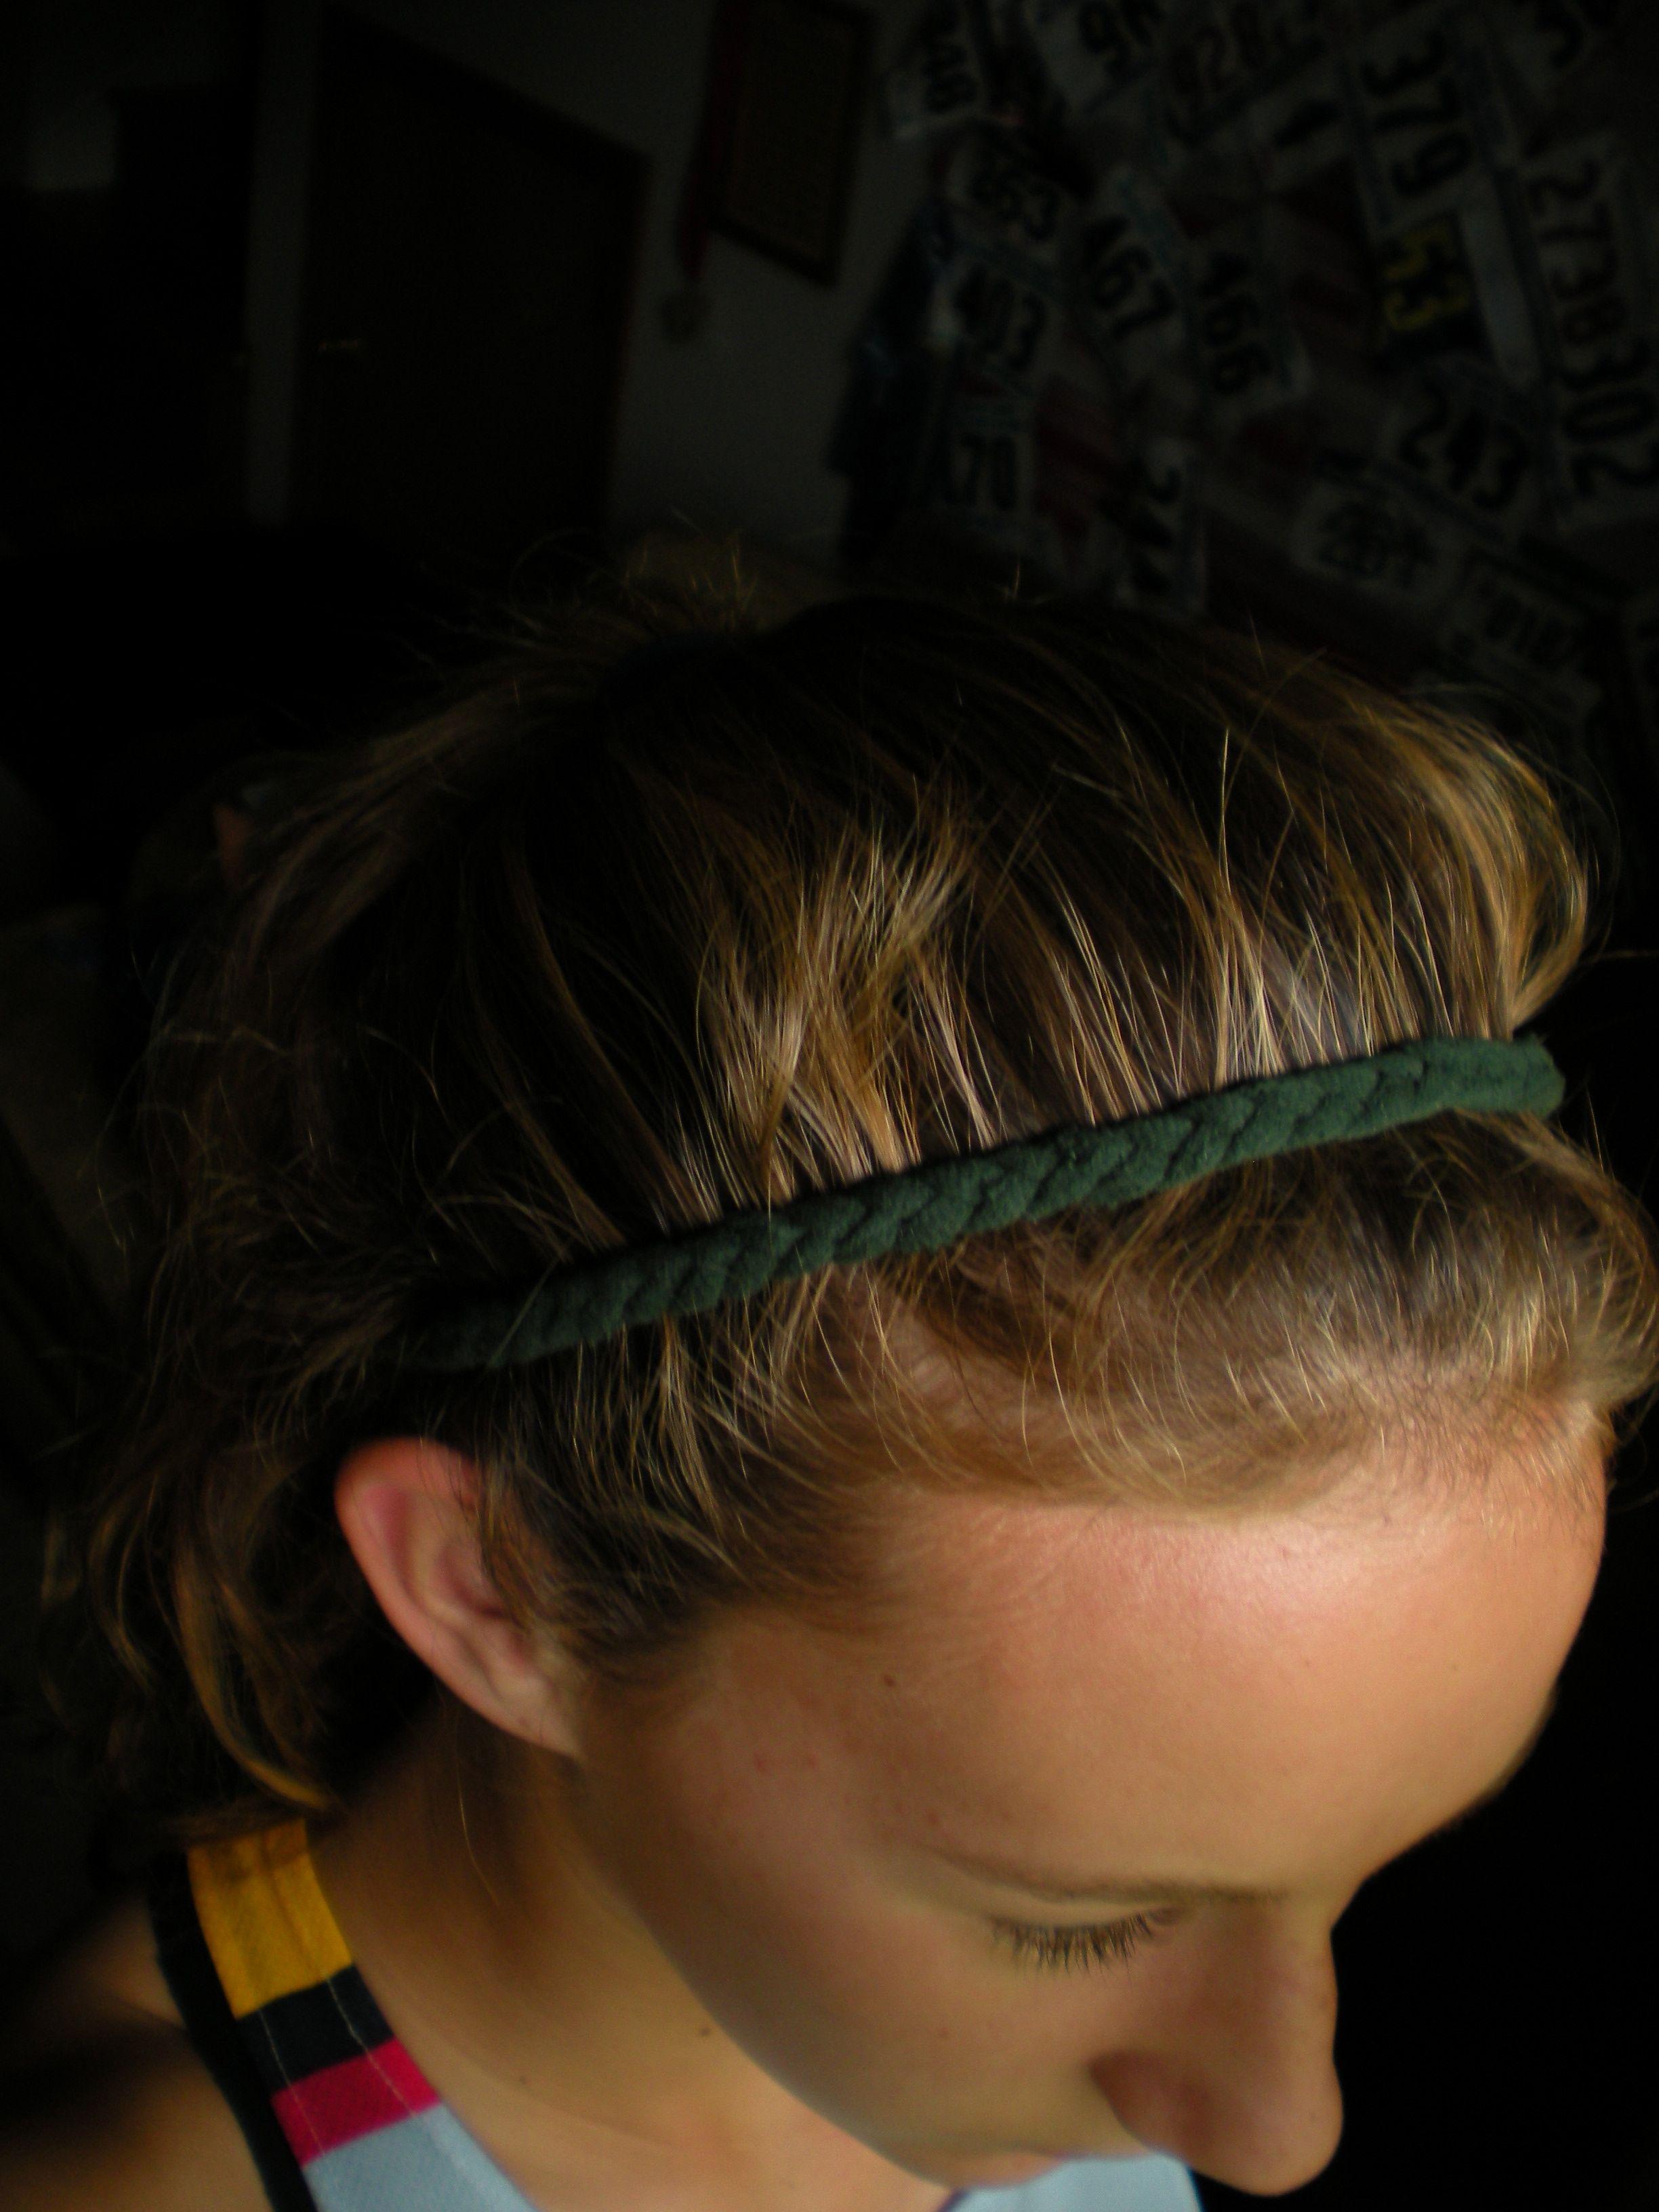 Diy headband out of old tshirt diy headband how to